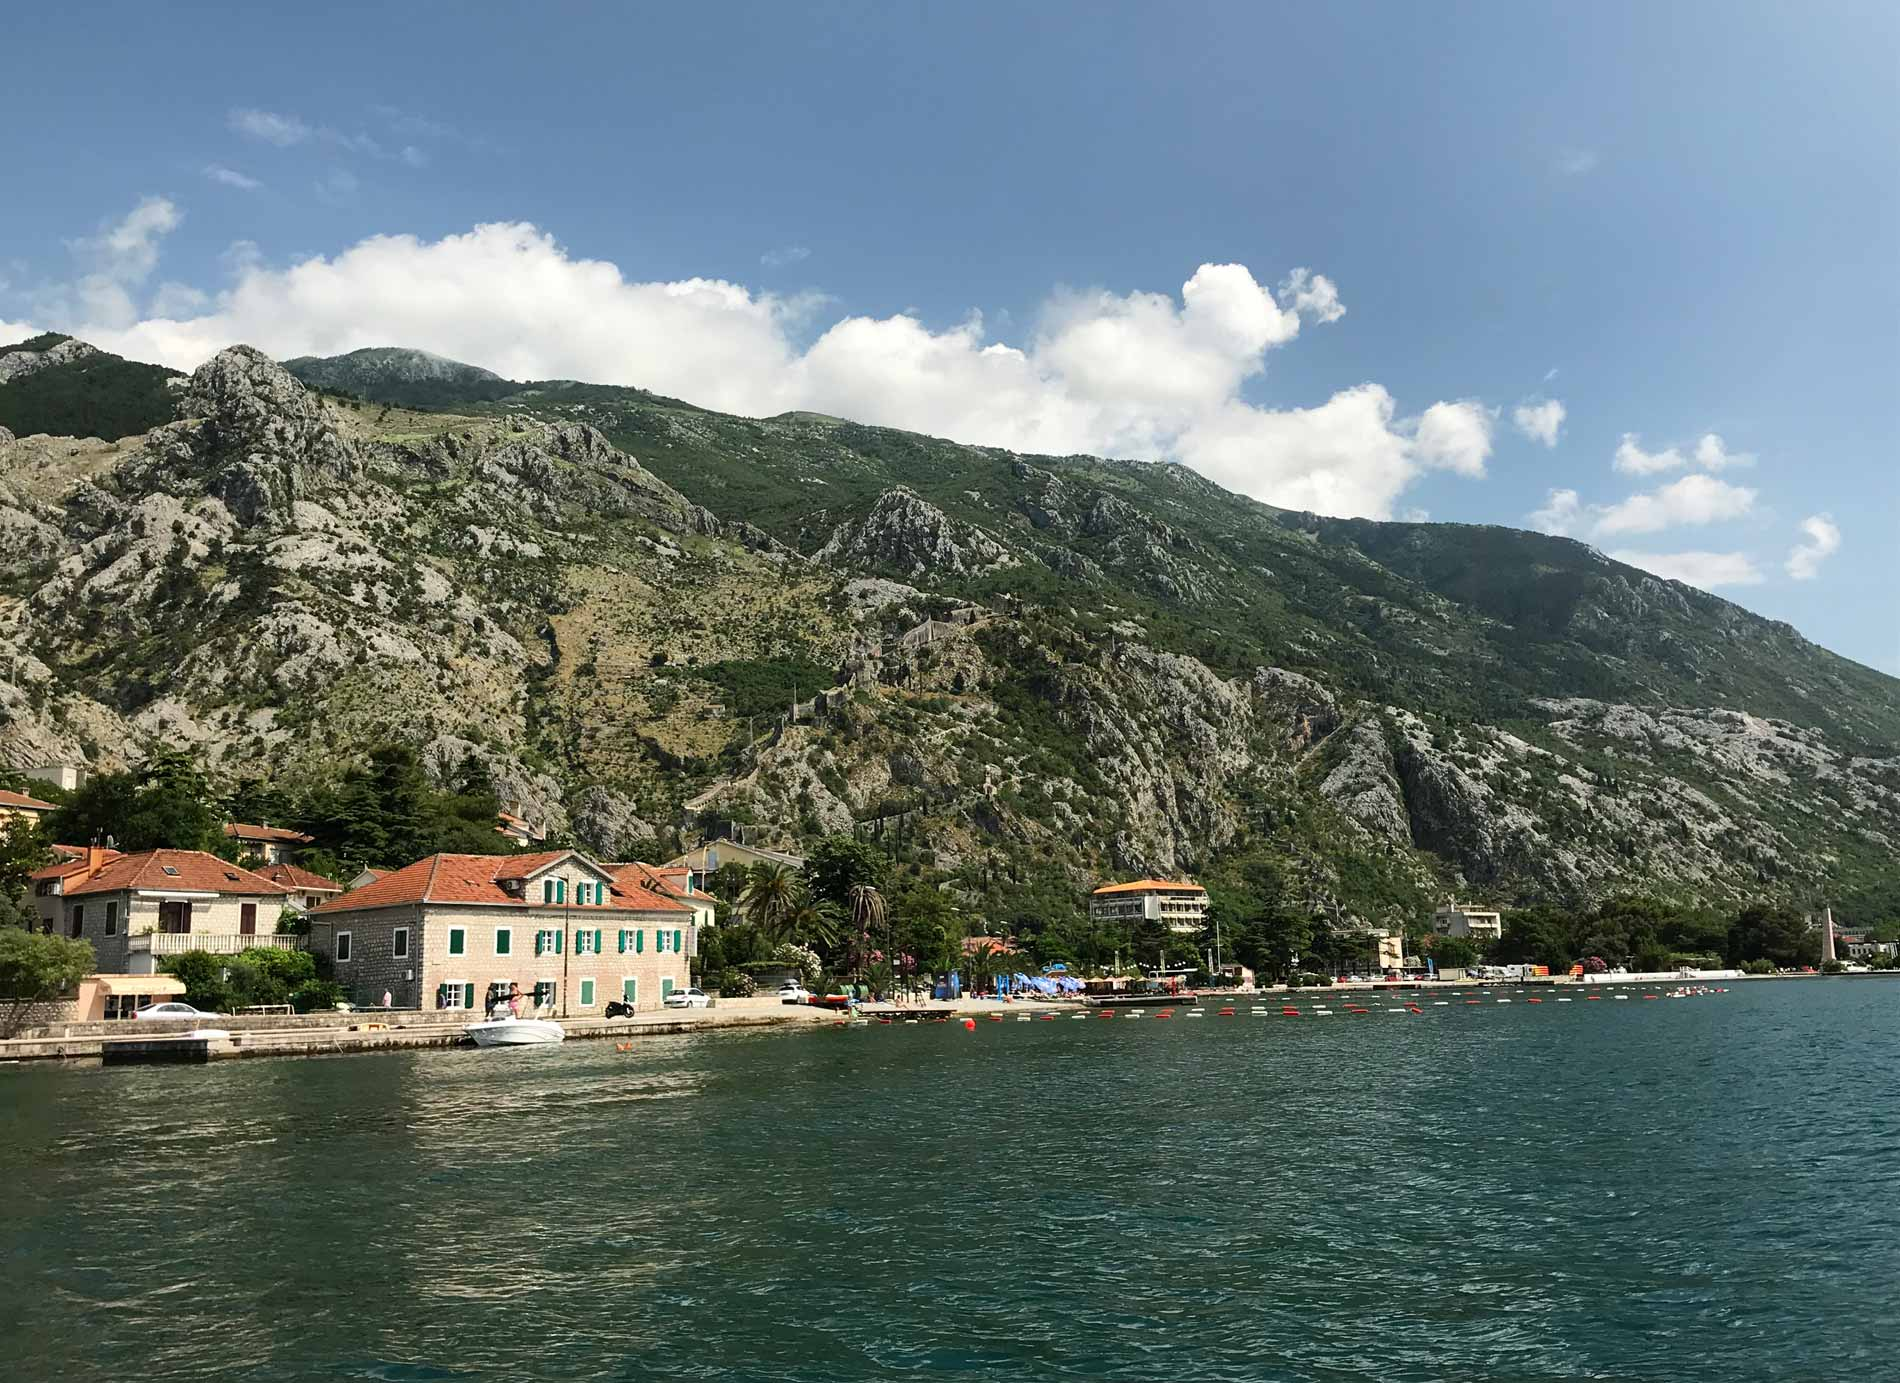 Dobrota-Bocche-di-Cattaro-Montenegro-vista-dal-mare-fortificazioni-veneziane-Kotor